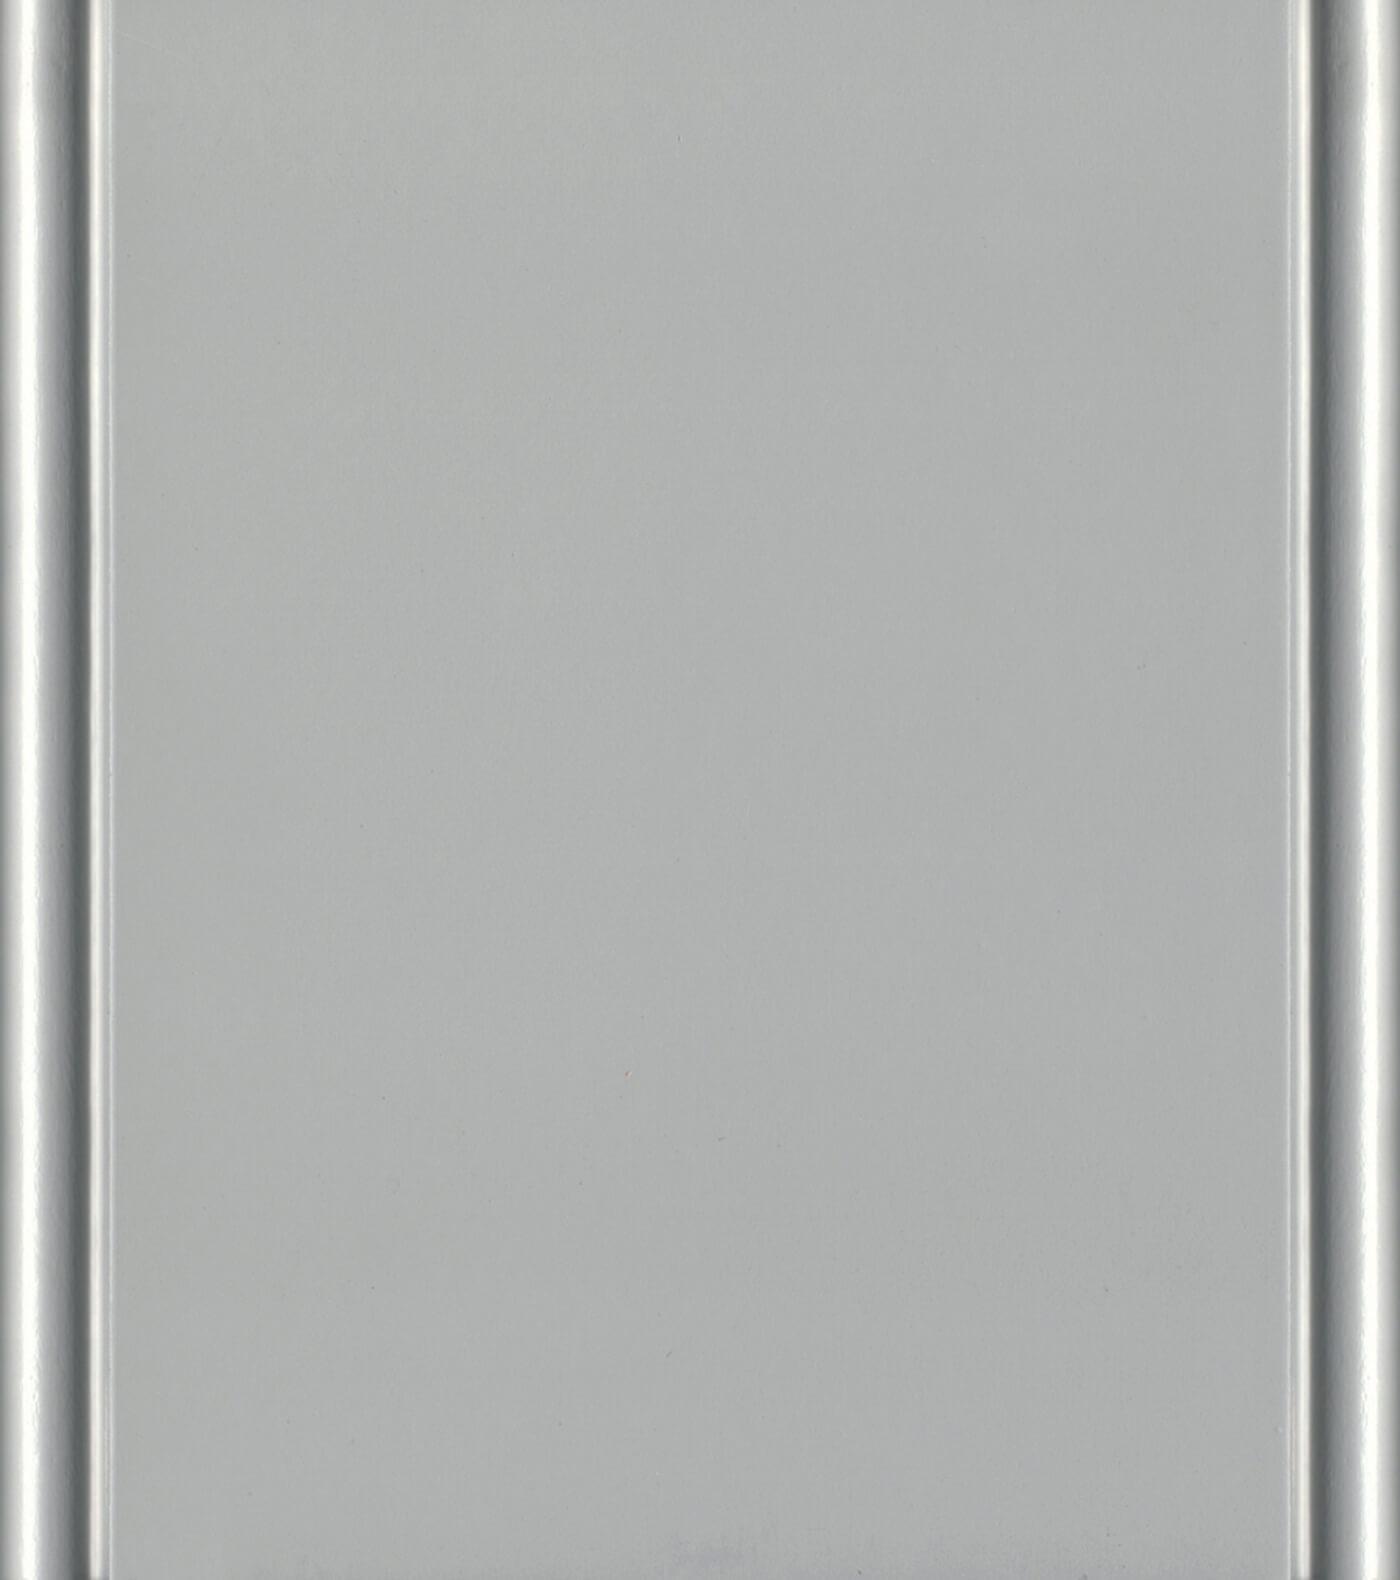 Zinc Paint on Paintable